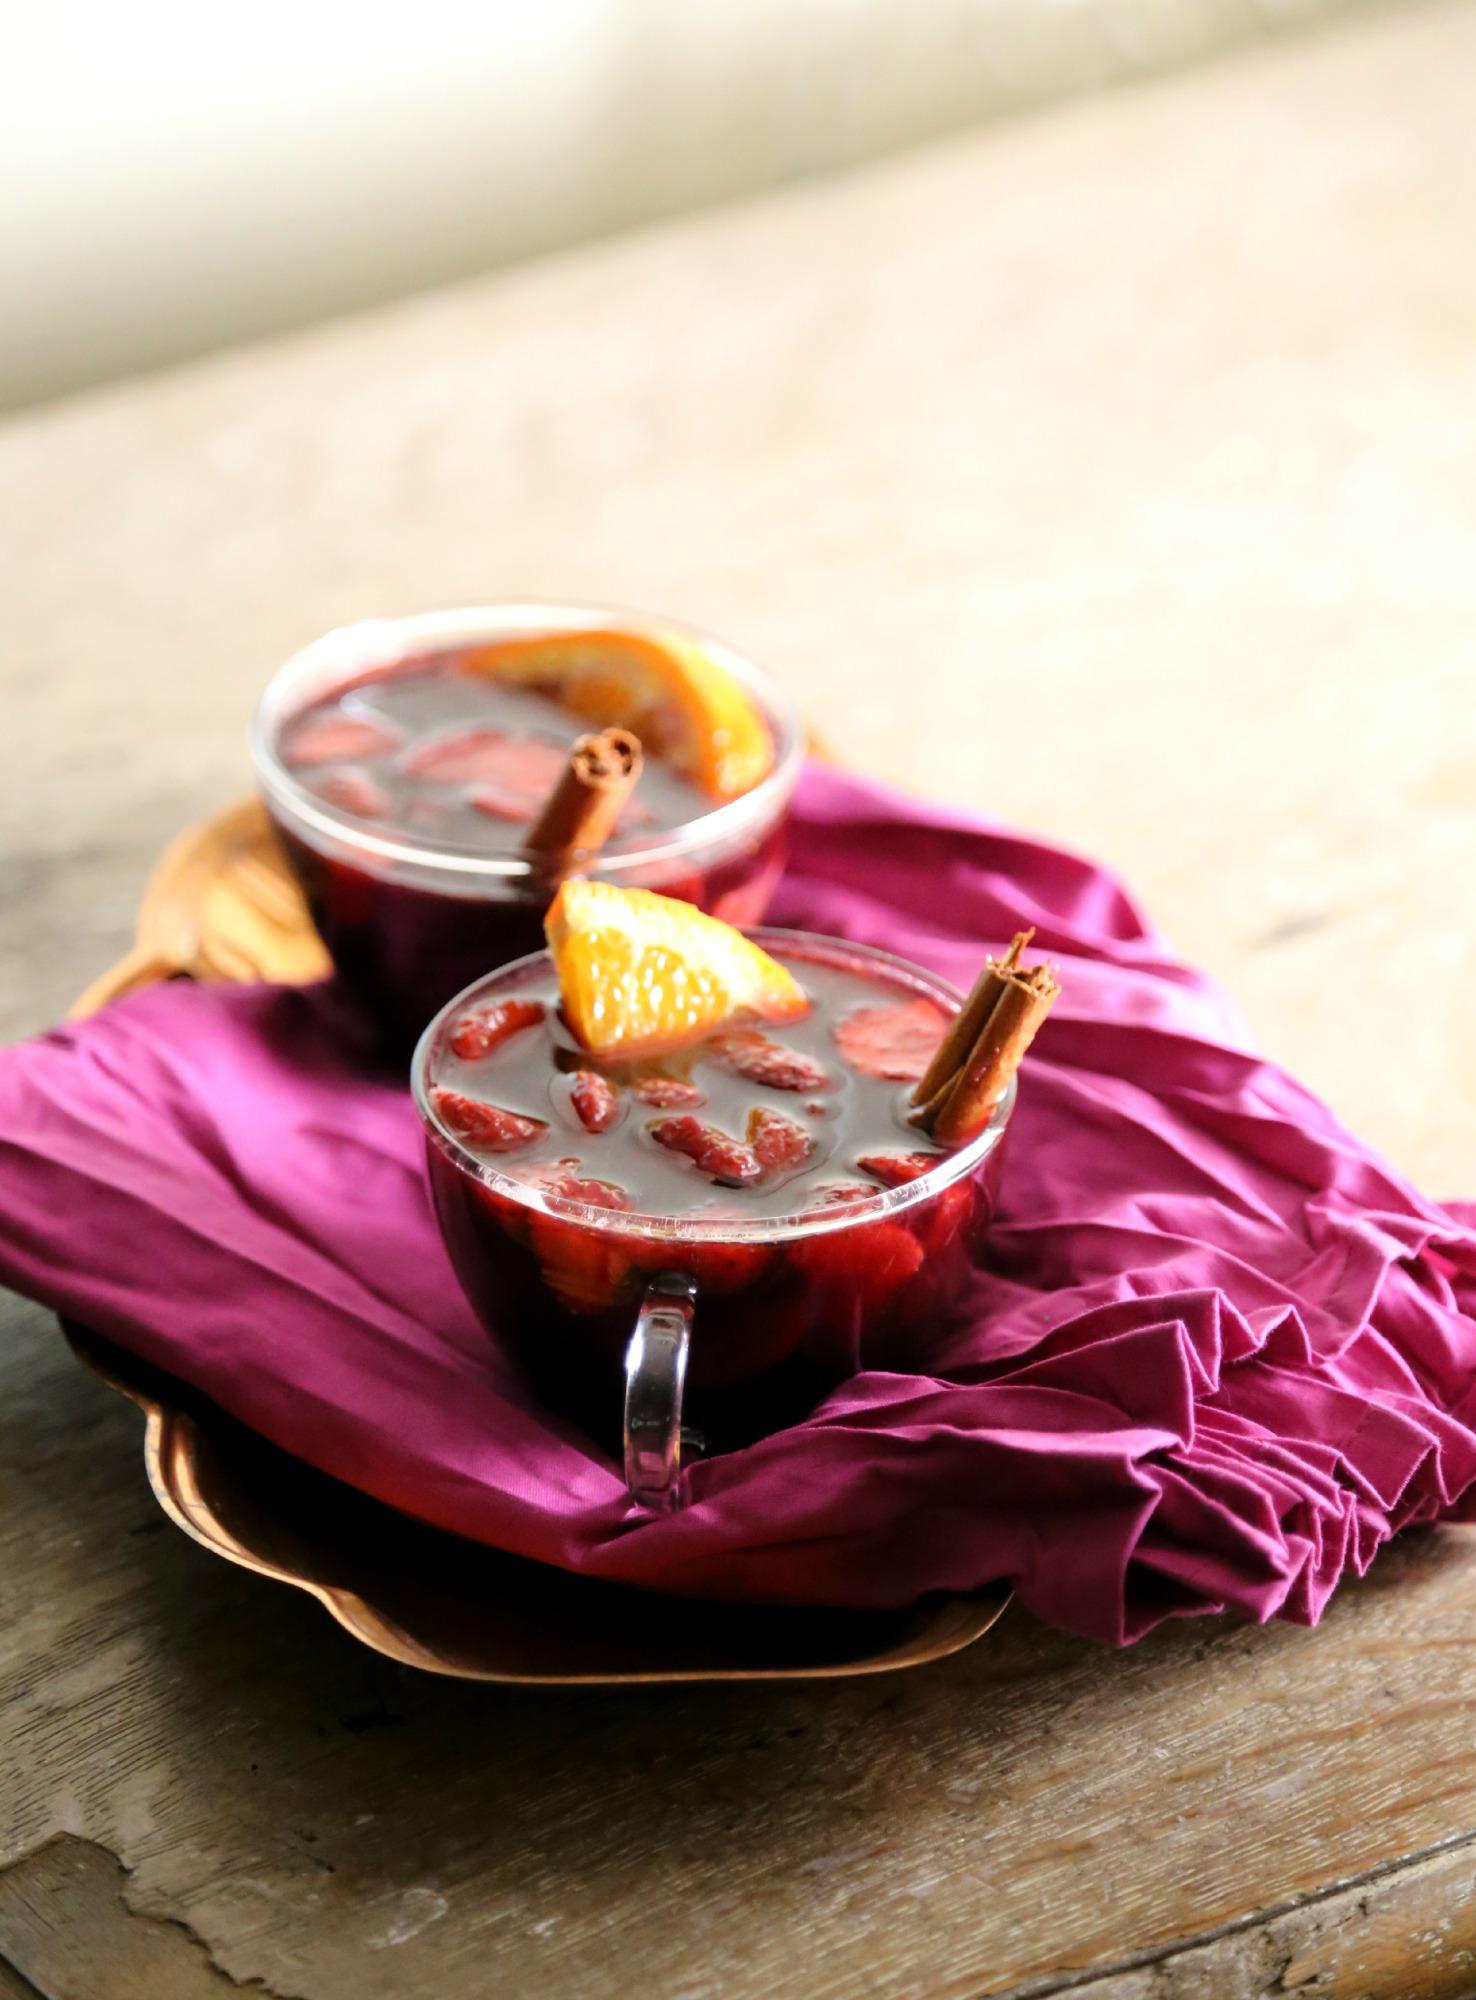 spiced-red-wine-sangria-VianneyRodriguez-sweetlifebake